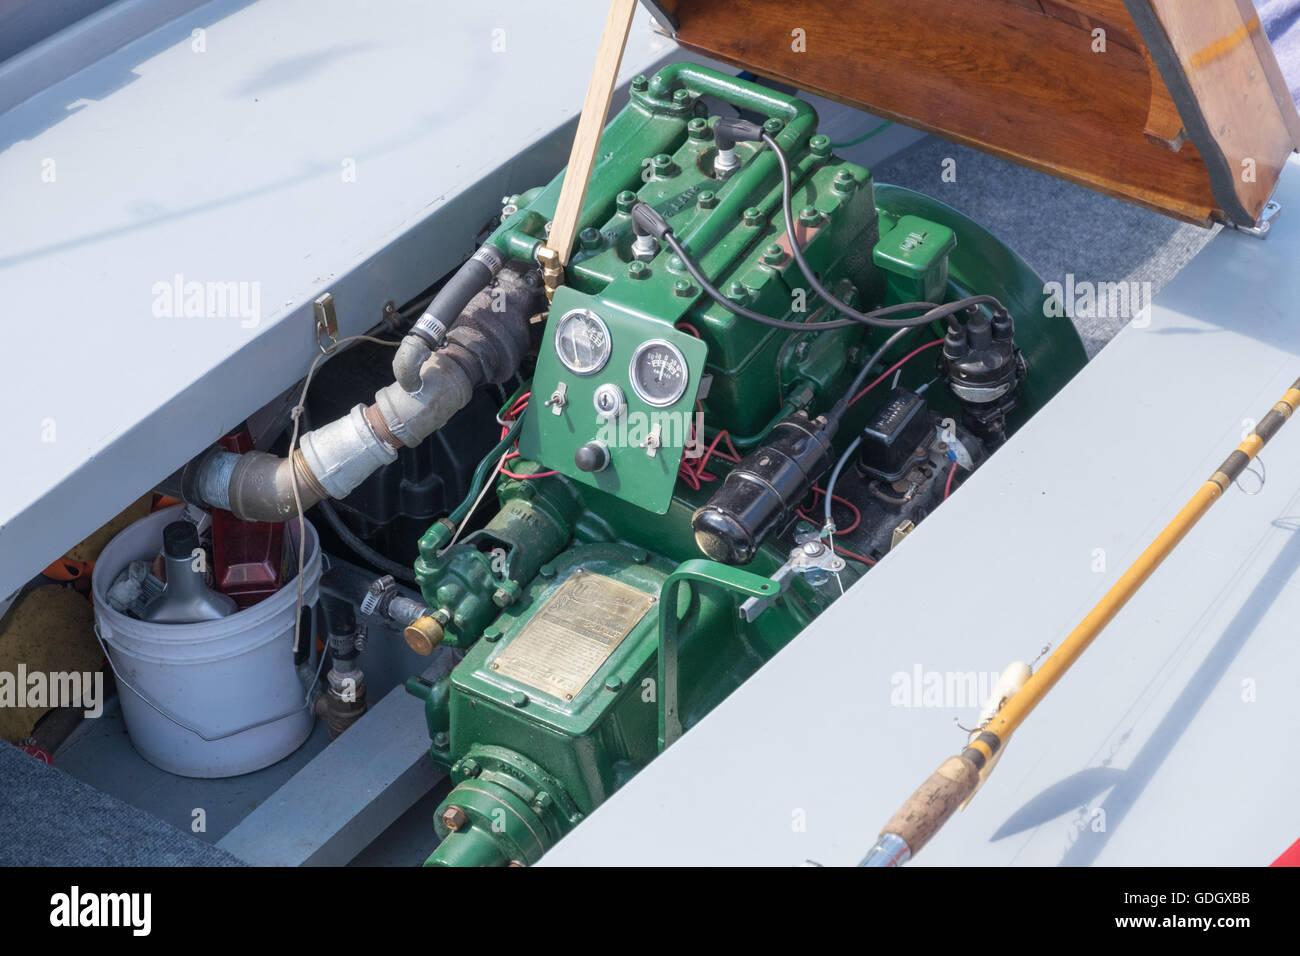 Vista in dettaglio di un universale Blue Jacket Twin marine entrobordo motore montato in un anitque imbarcazione Immagini Stock